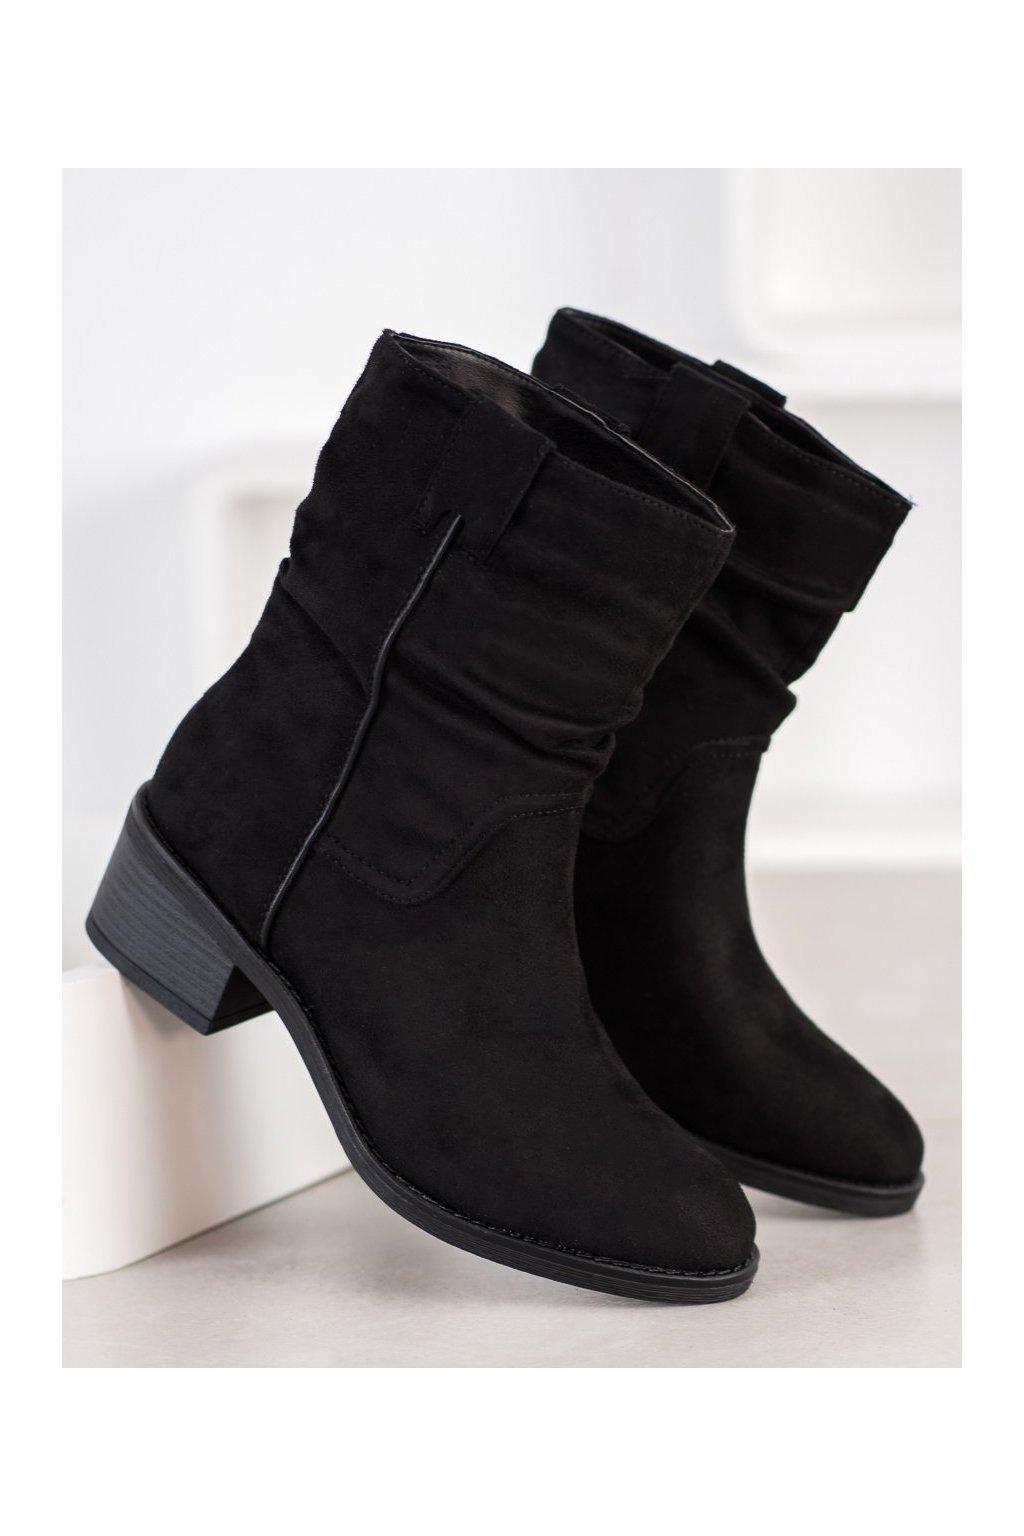 Čierne dámske topánky Super mode NJSK 3345B